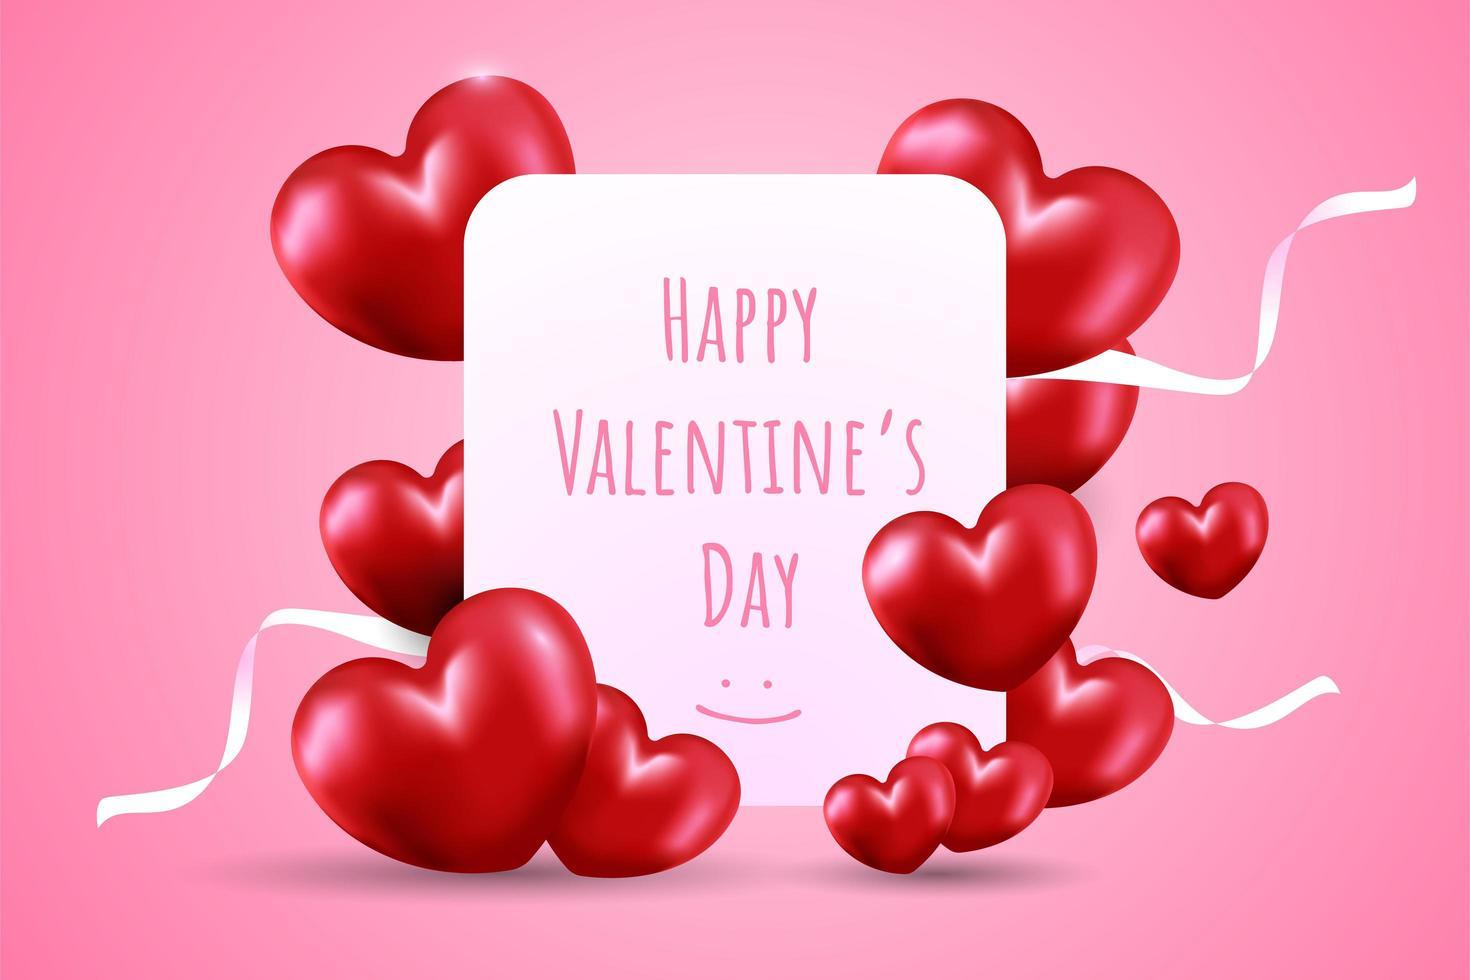 Feliz dia dos namorados com balões em forma de coração vermelho vetor